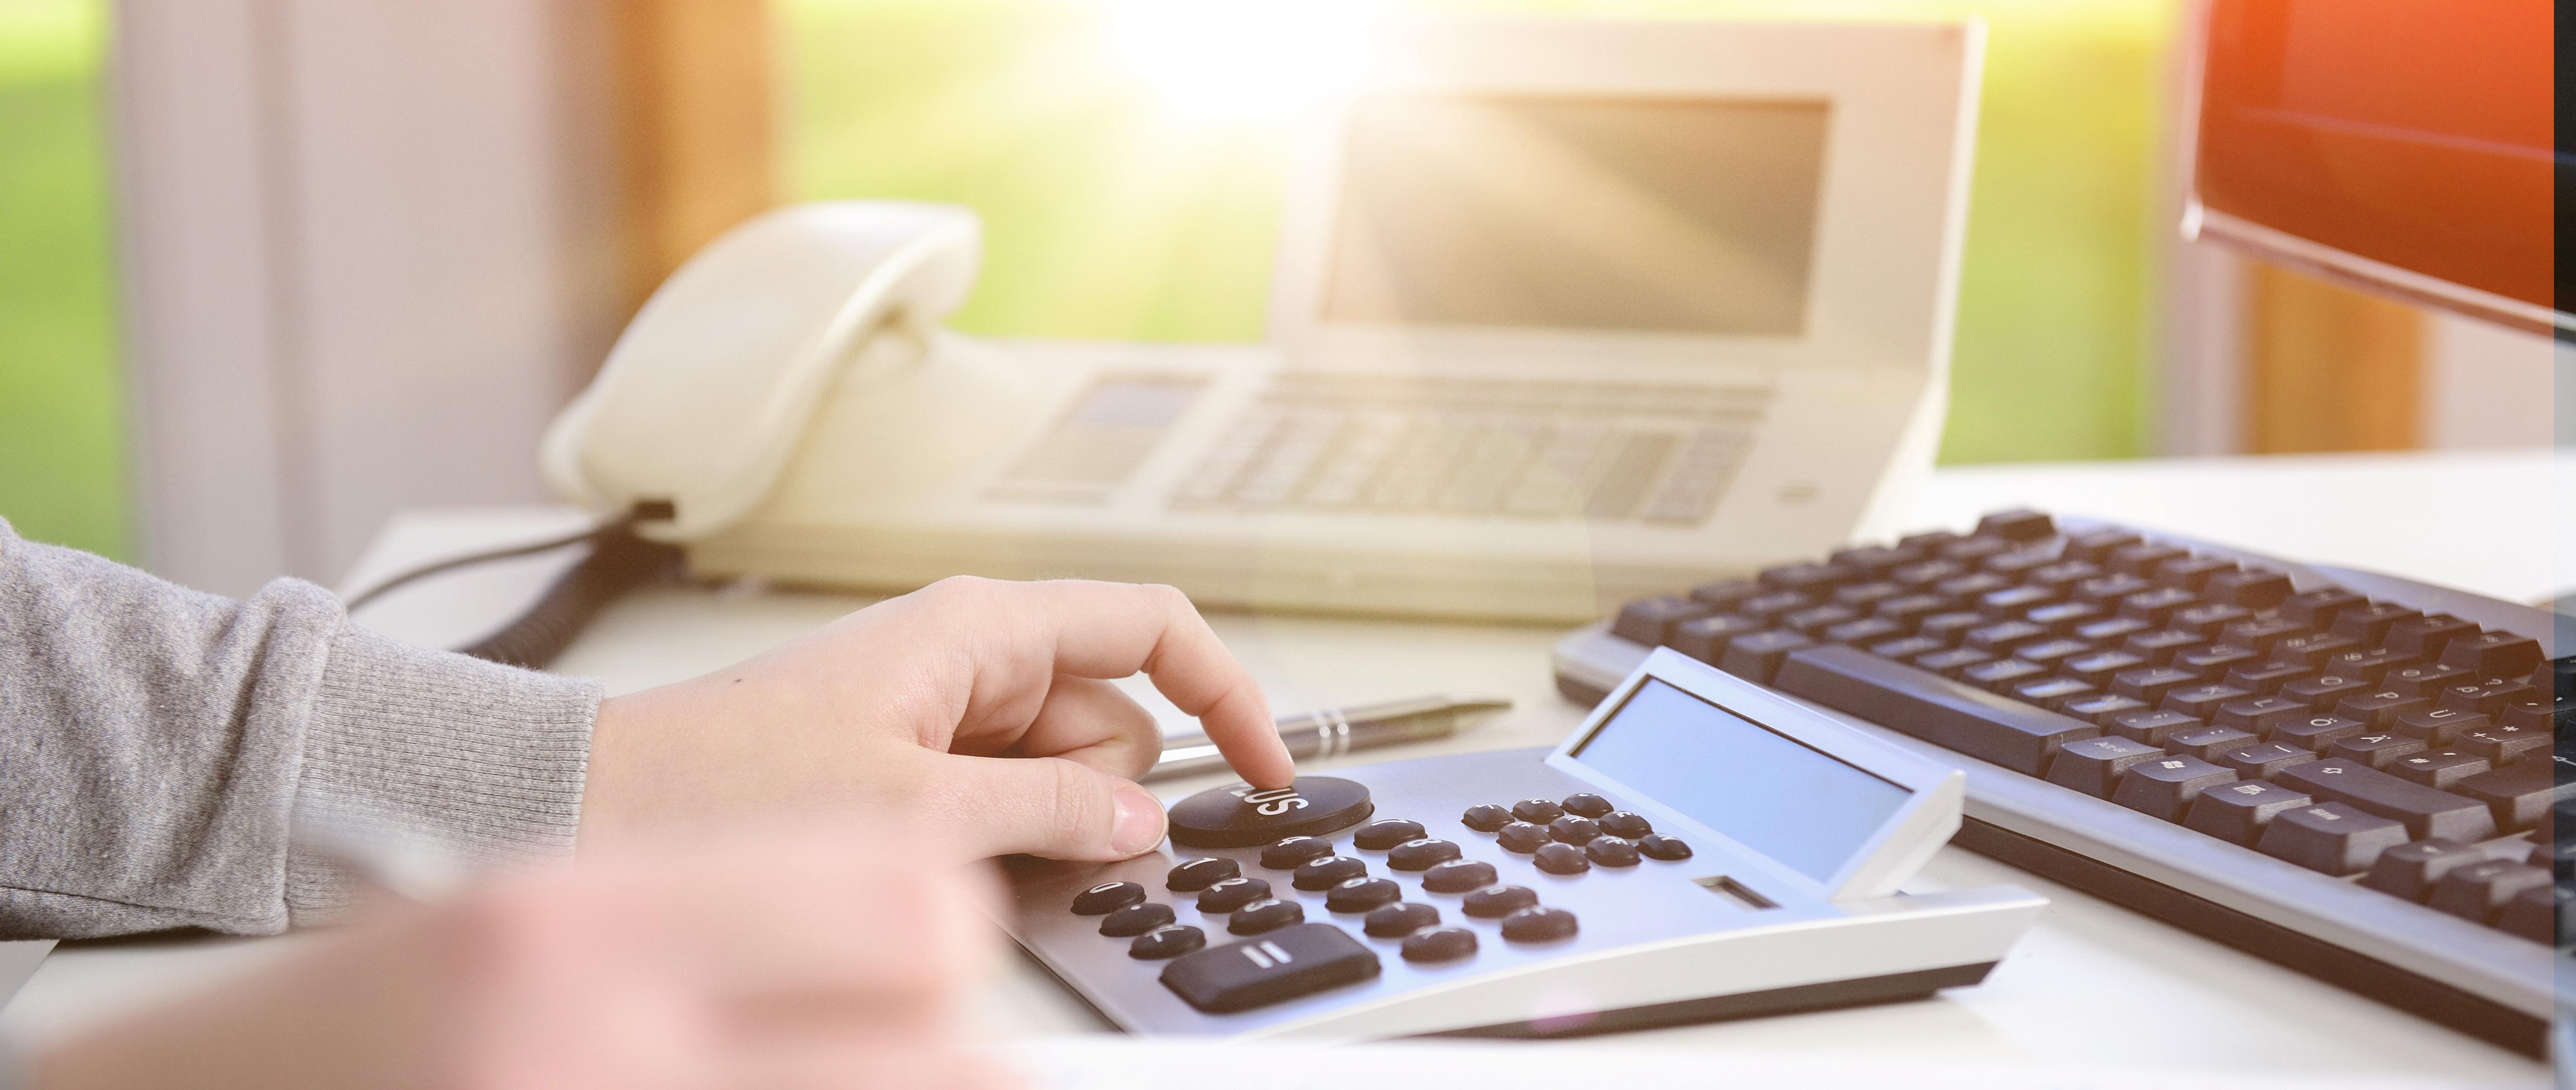 Frau kalkuliert mit Taschenrechner Umsatzsteuer mit Flares